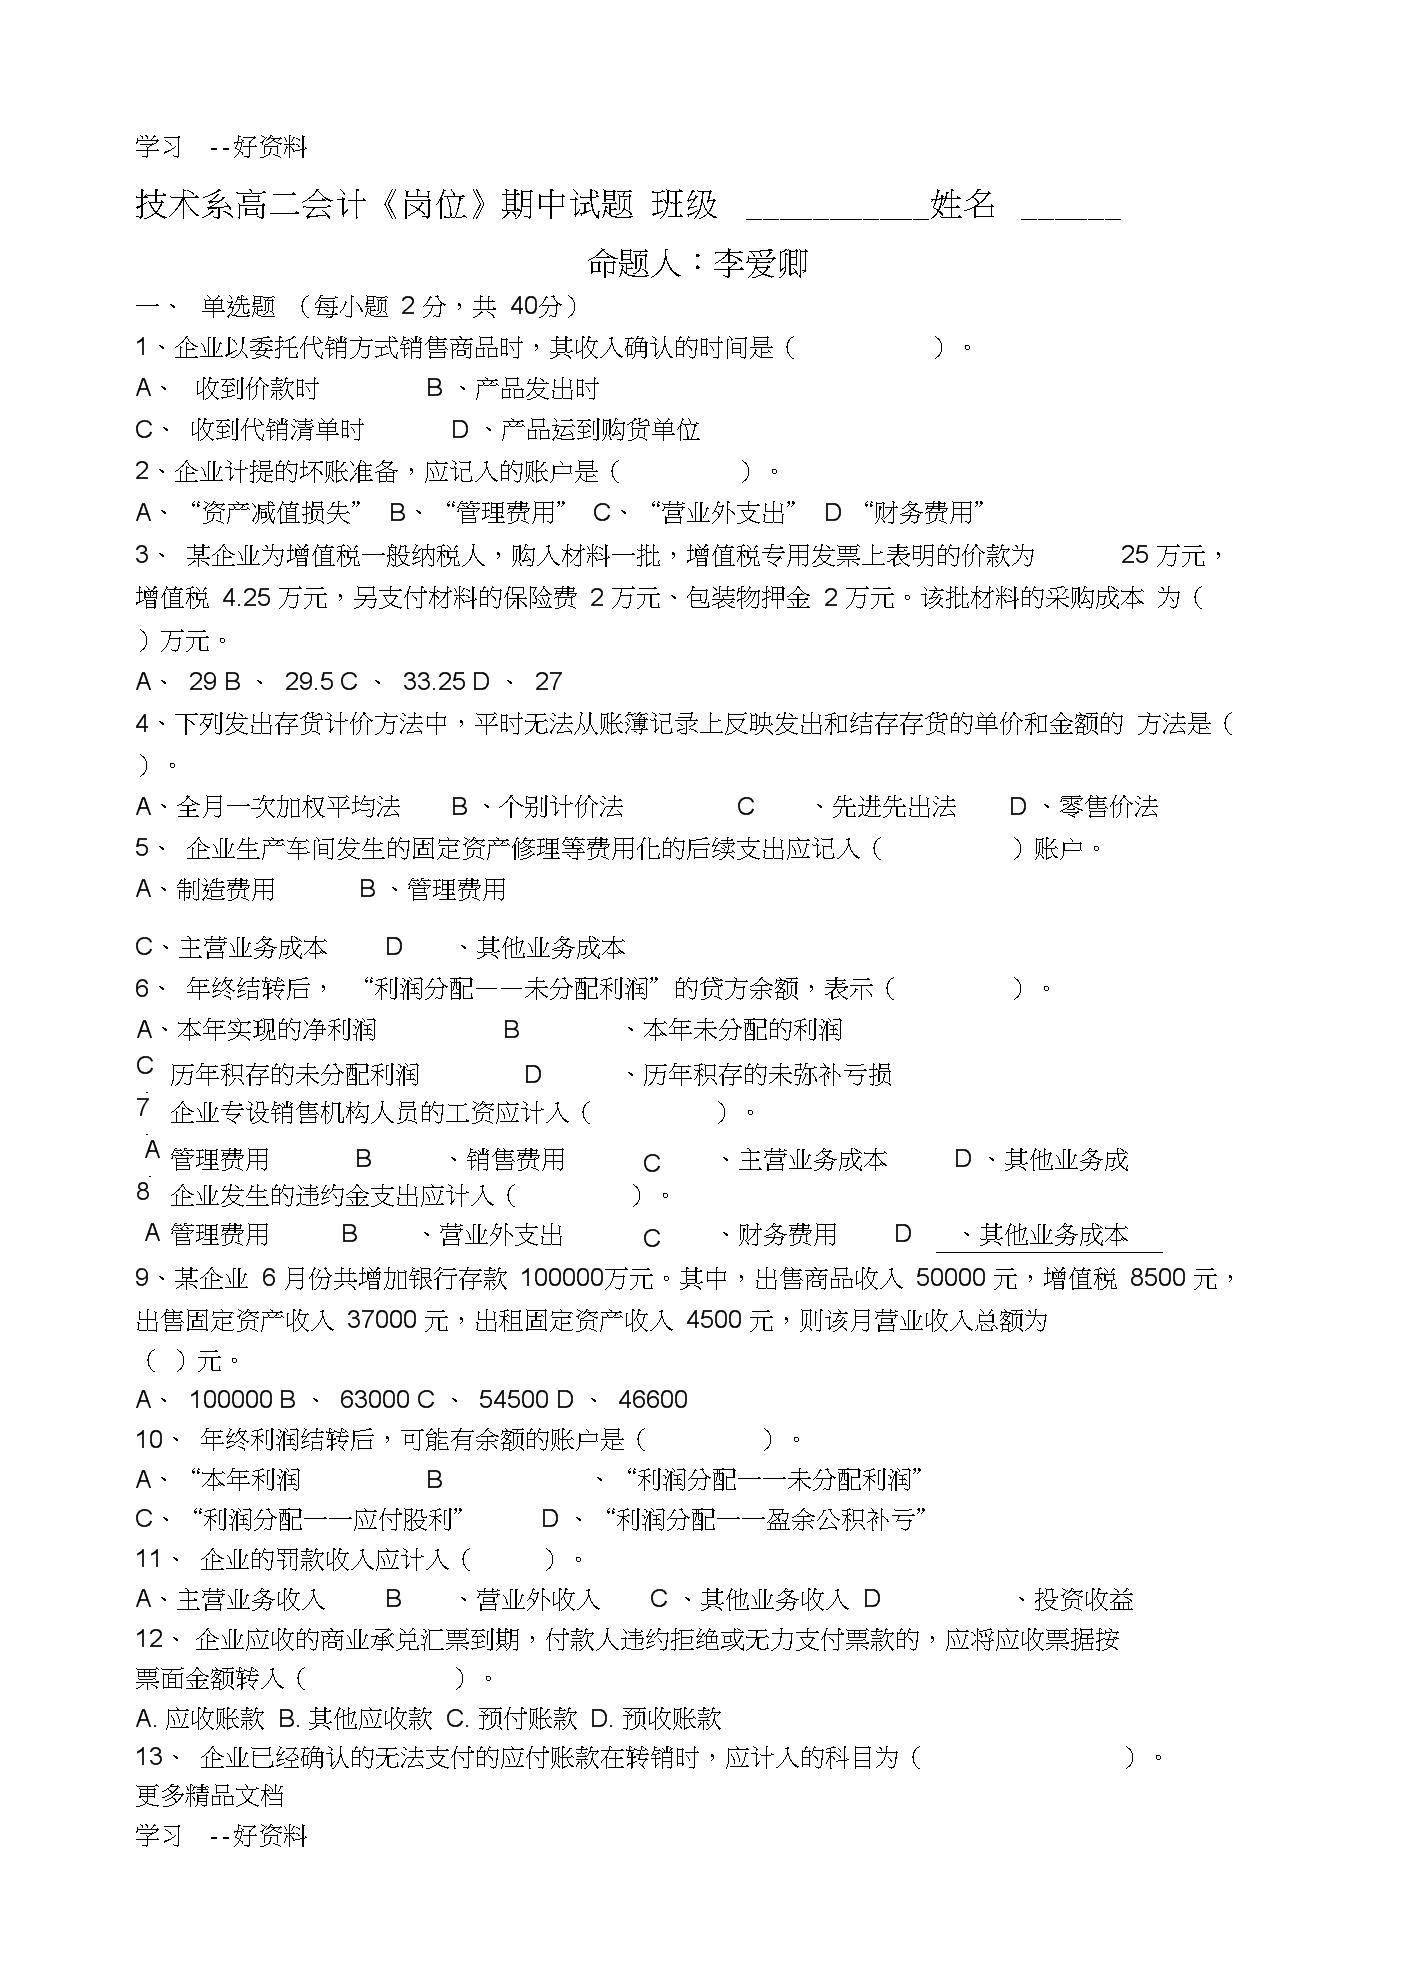 李爱卿--企业财务会计期中试题1汇编.docx